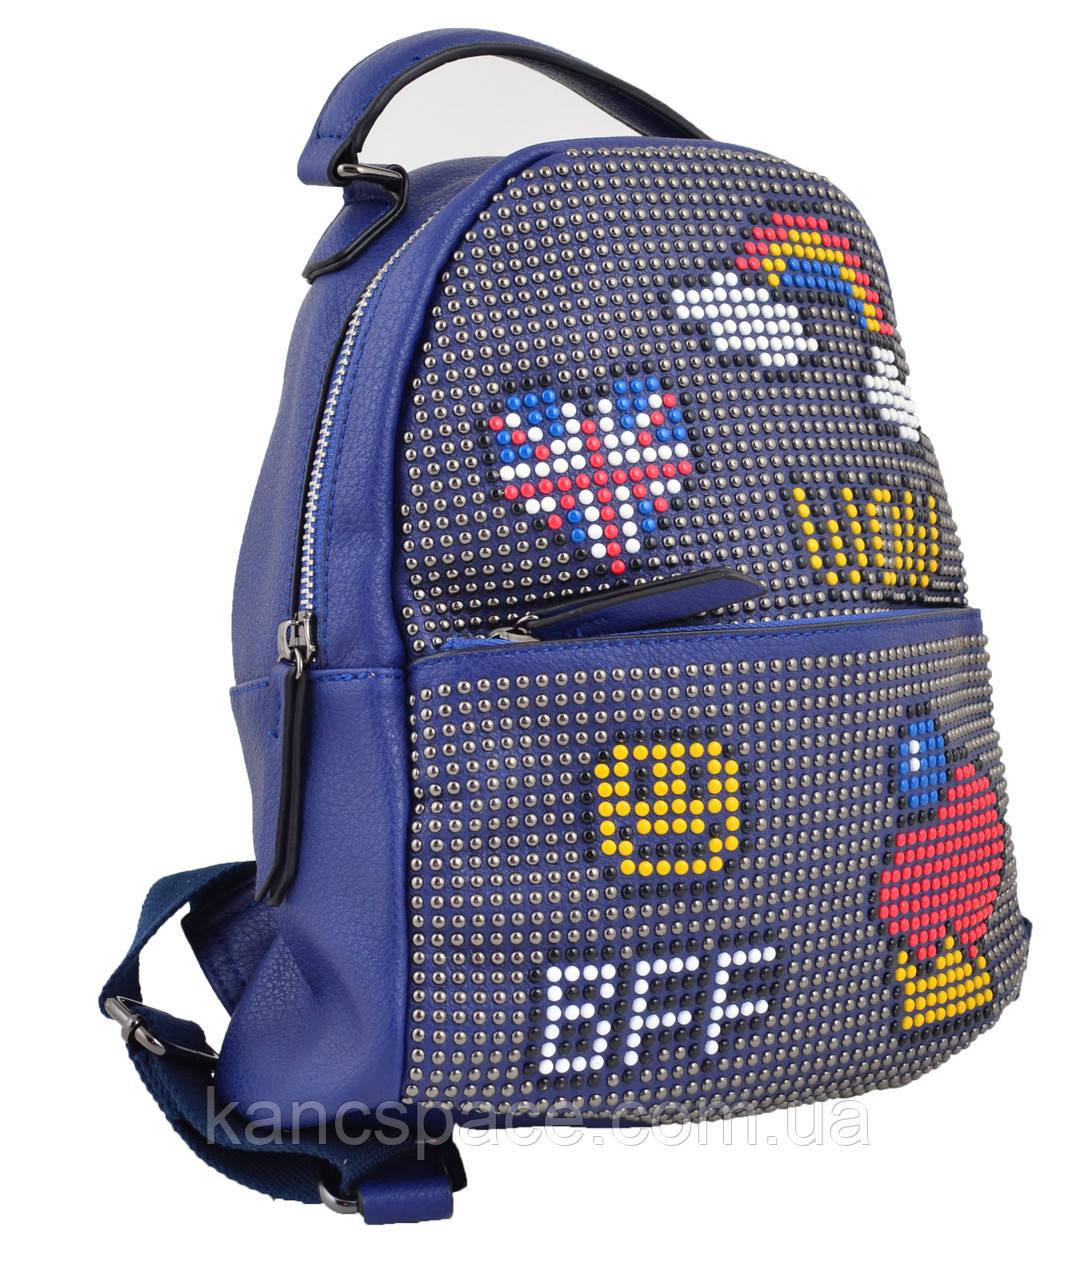 Сумка - рюкзак, синій